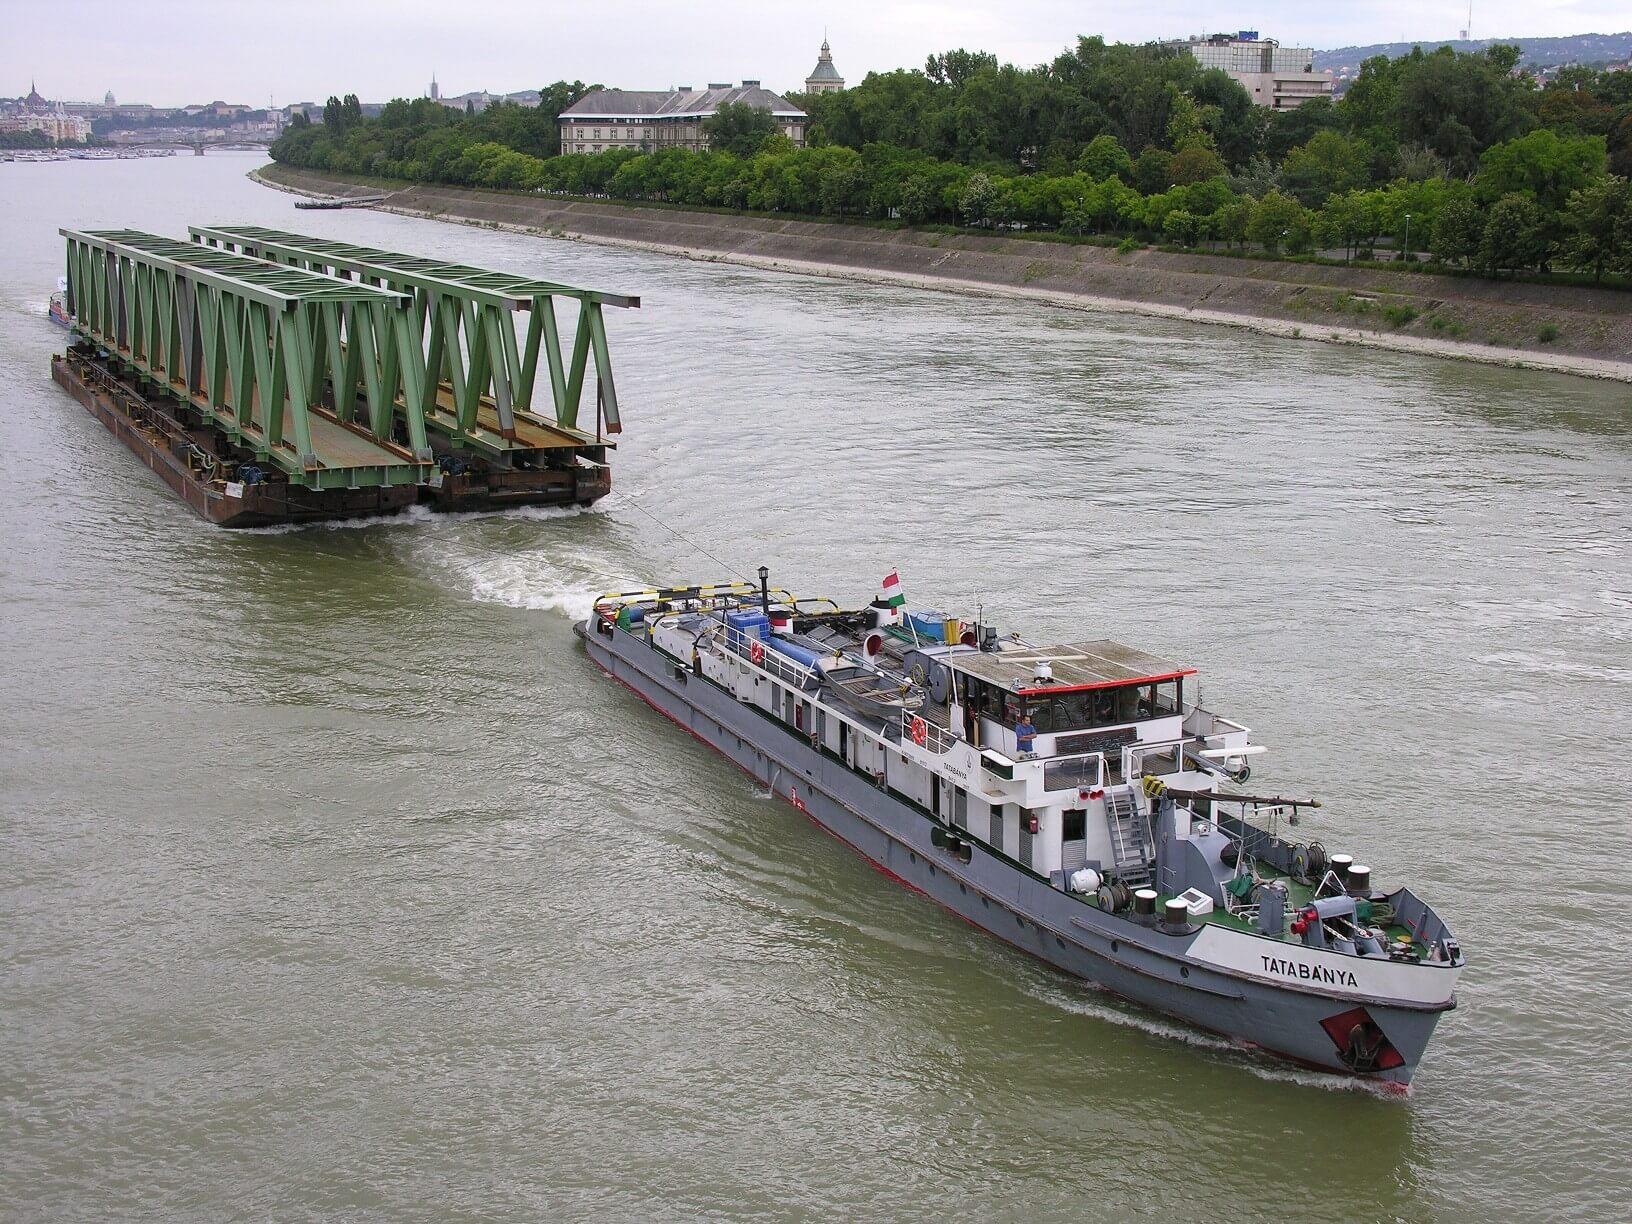 NFM: lesz megoldás a belvízi hajózást korlátozó problémákra